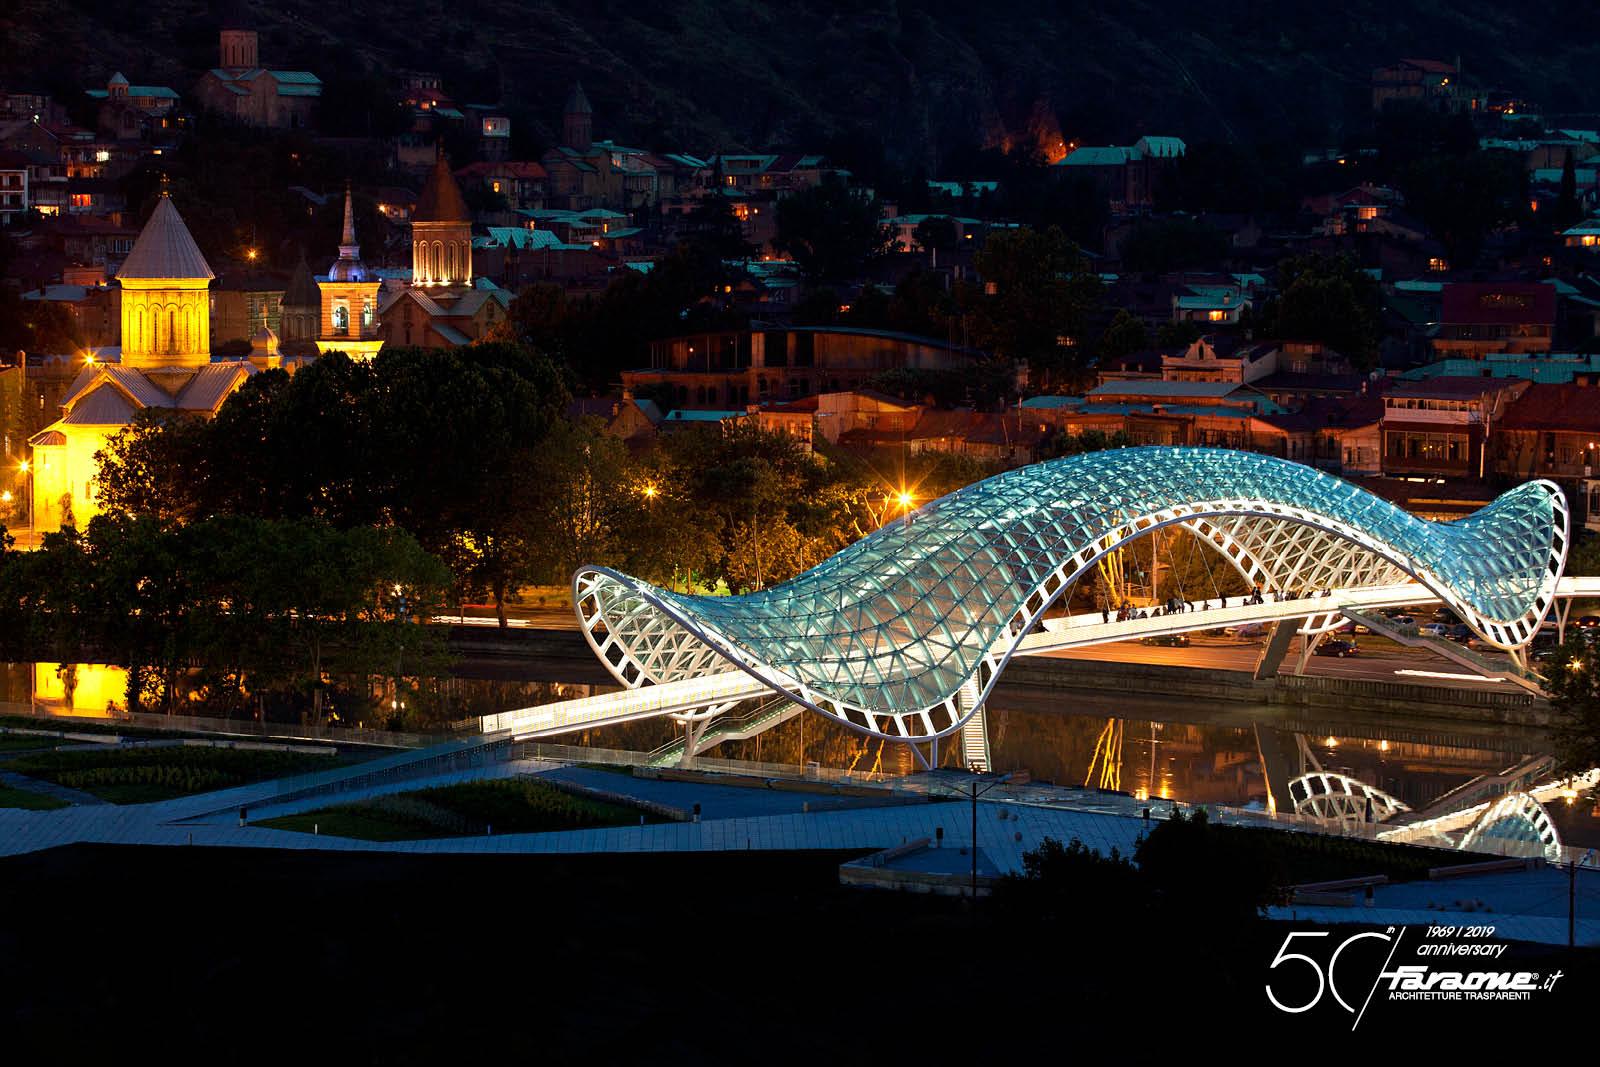 ponte_della_pace53